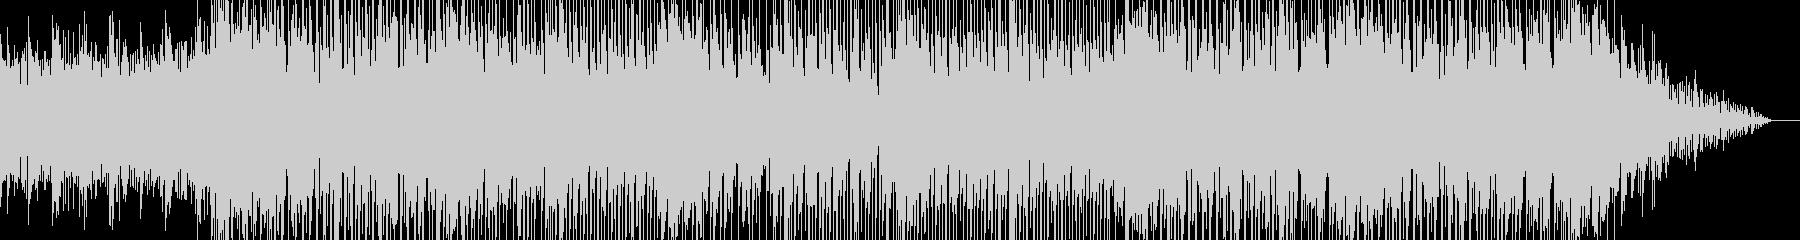 切ないメロディが印象的なBGMの未再生の波形